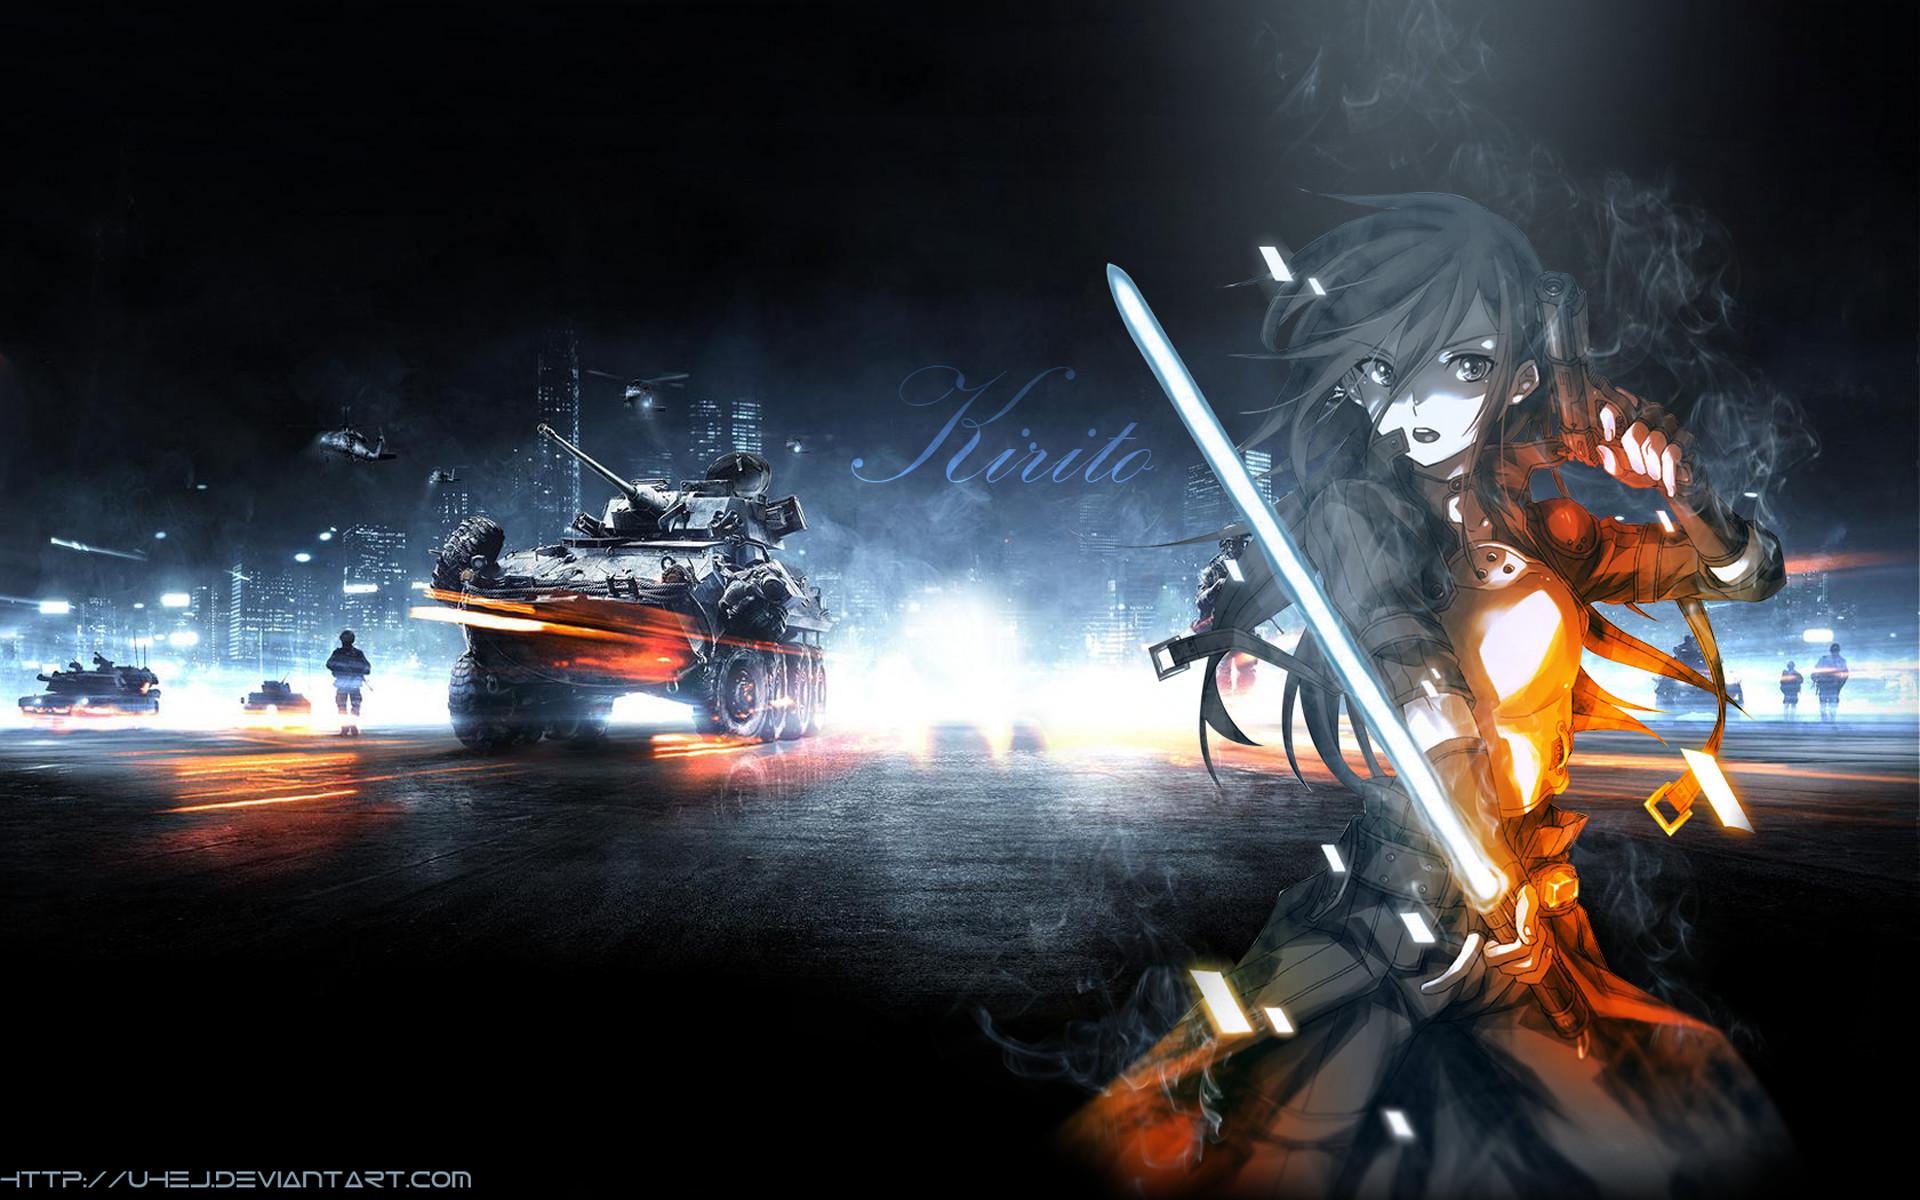 Download this Asuna – Sword Art Online [2] Sword Art Online Asuna desktop  wallpaper in multiple resolutions for free.